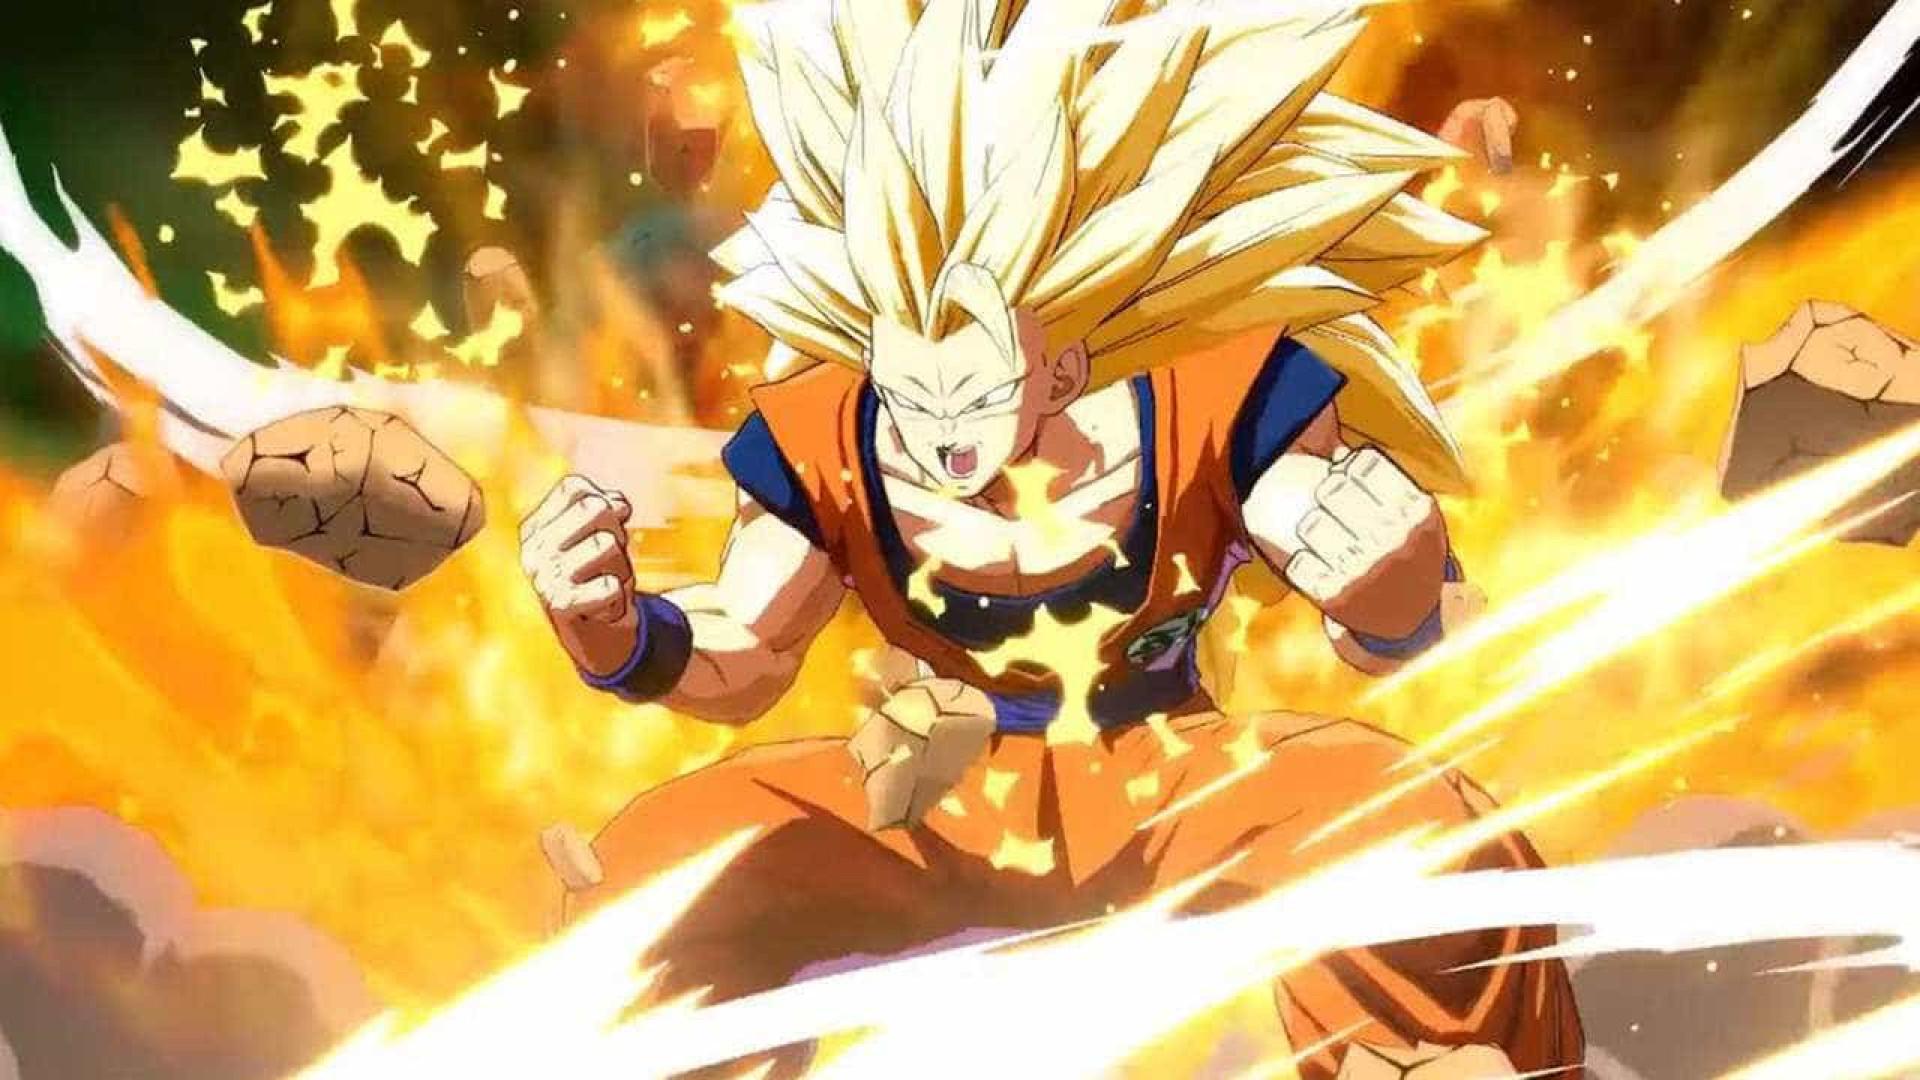 'Dragon Ball' ultrapassou 'Street Fighter' em número de espetadores